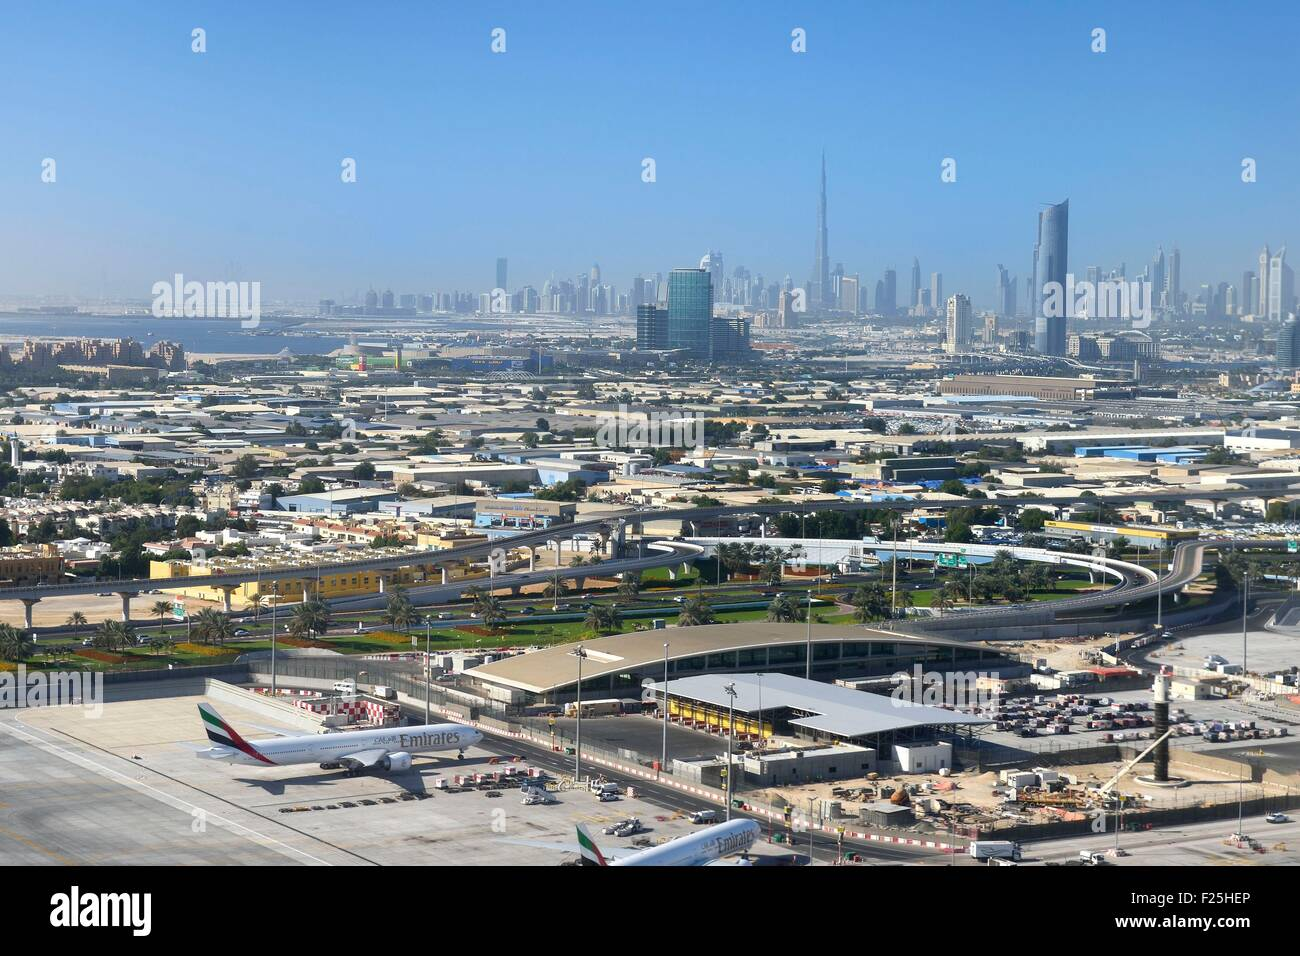 Los Emiratos Árabes Unidos, Dubai, el aeropuerto internacional de Dubai y del centro de la ciudad en el fondo Imagen De Stock